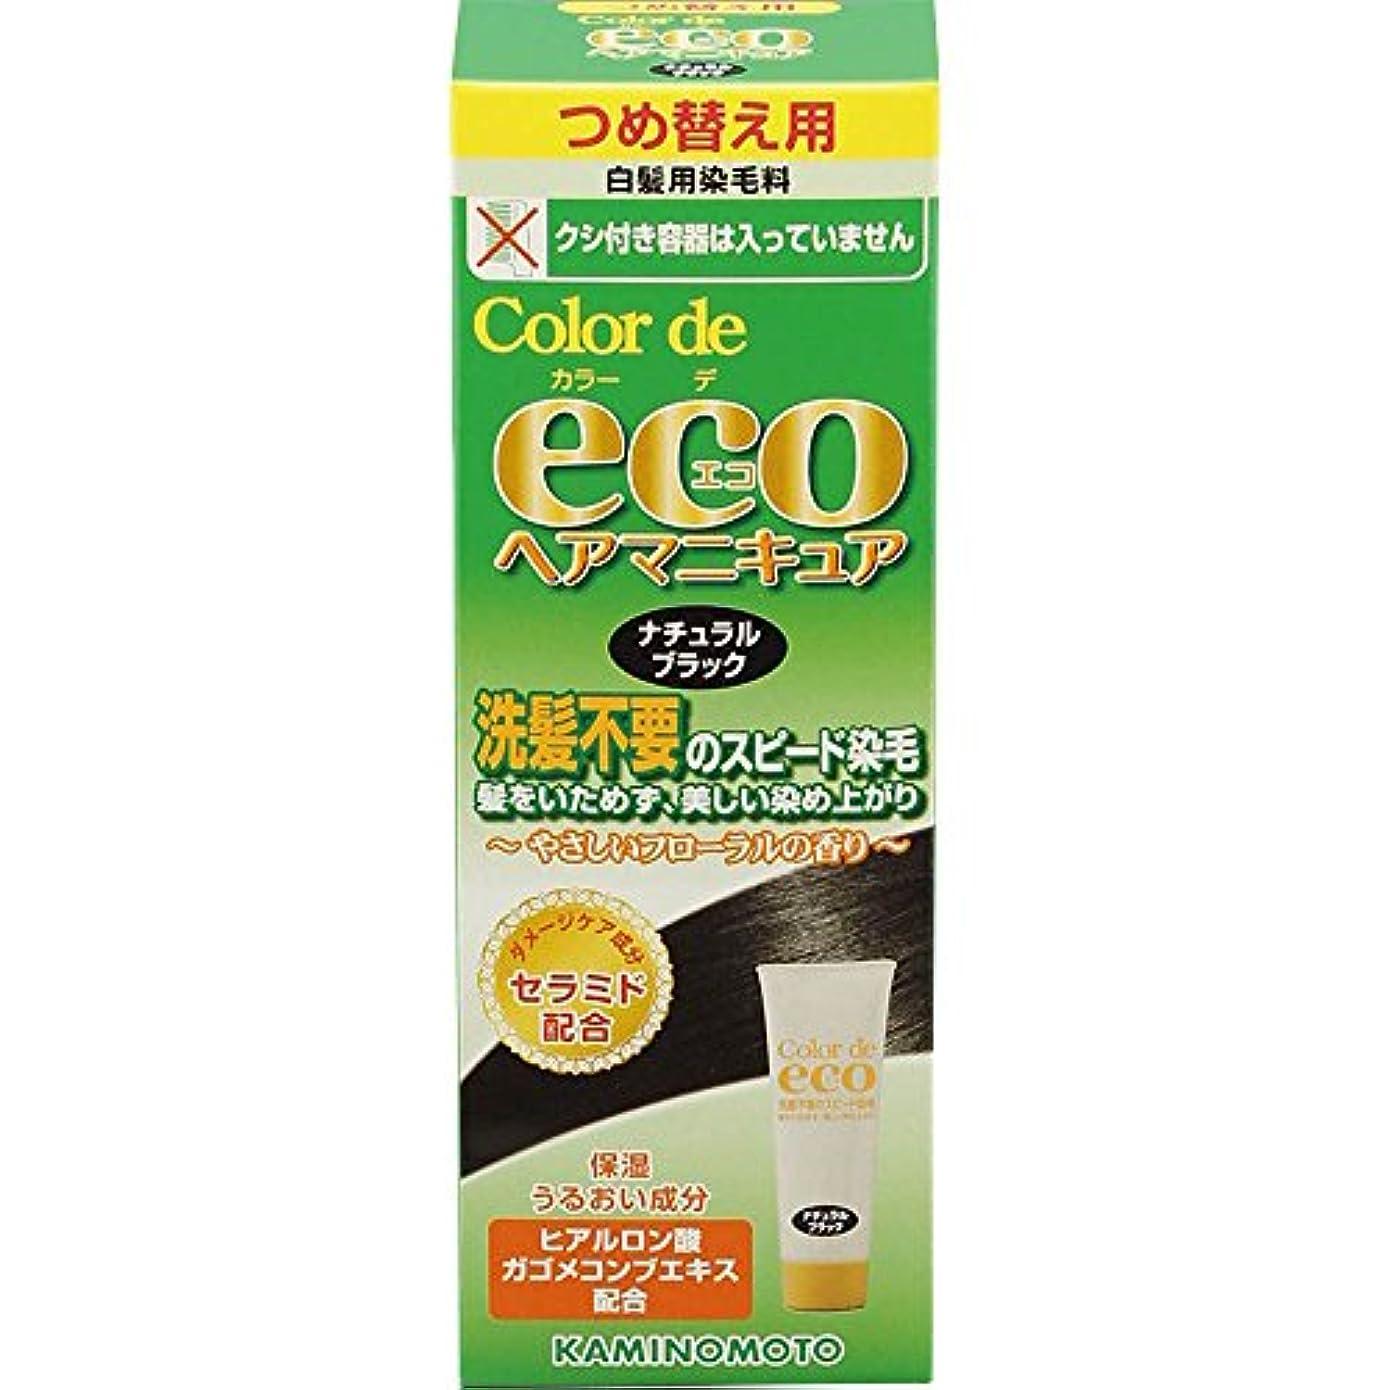 地区夜基本的な加美乃素 カラー デ エコ 詰め替え ナチュラルブラック 70mL